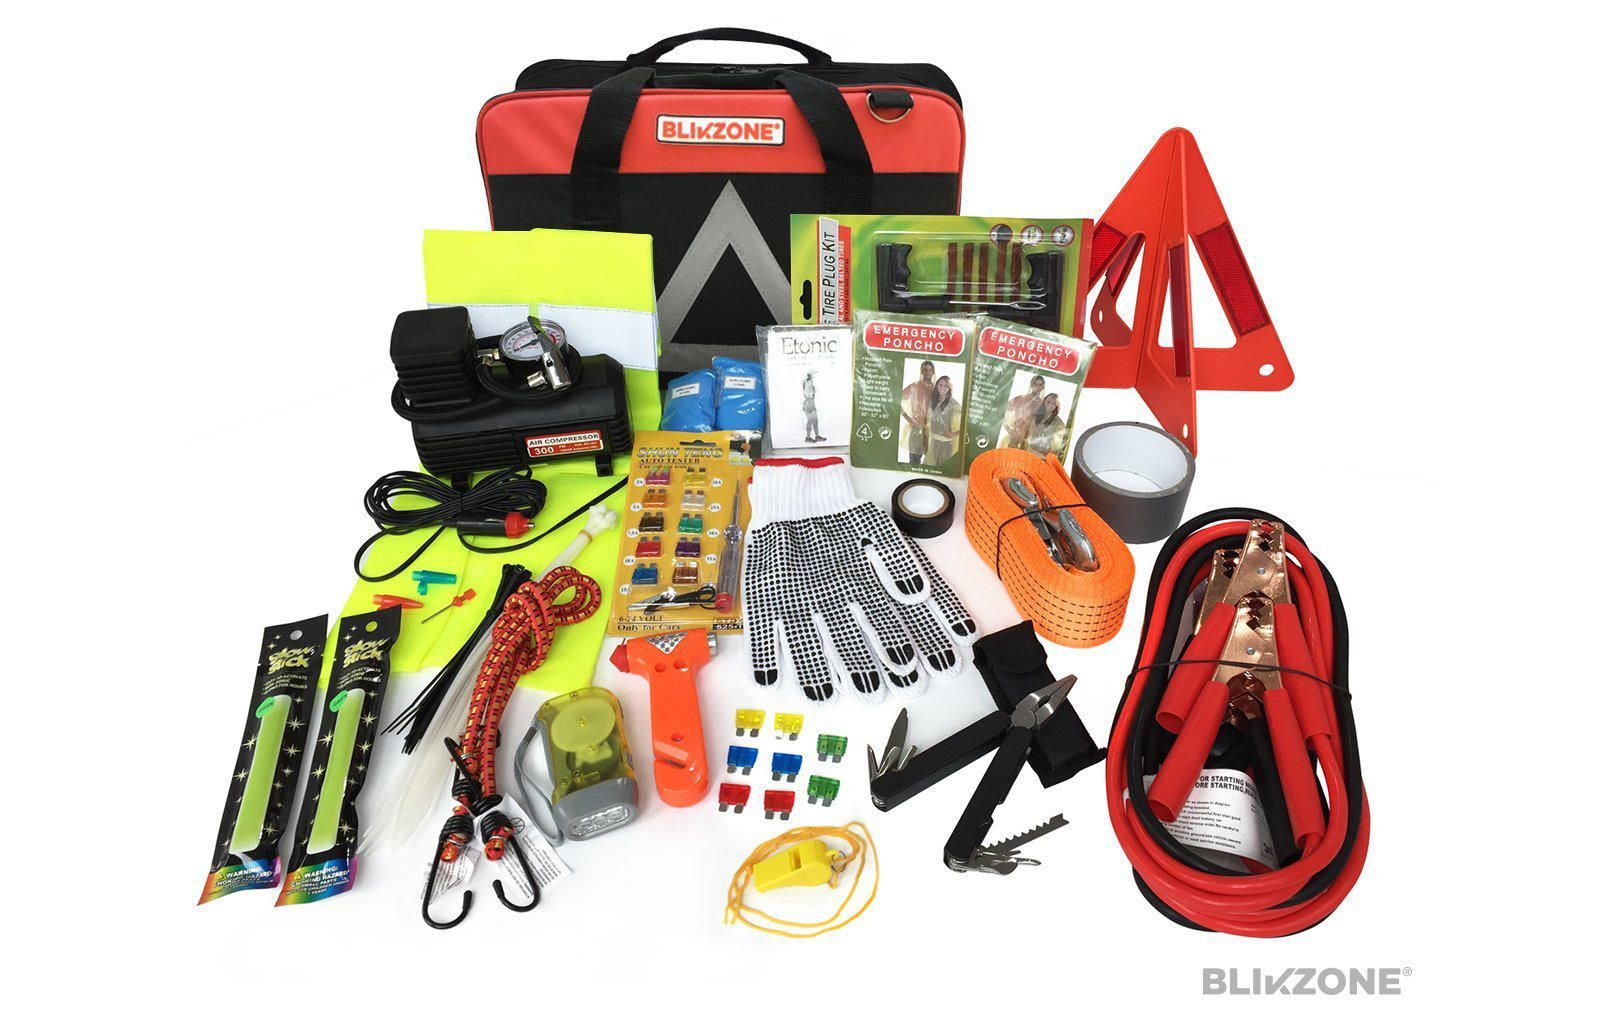 Roadshow's Roadside Emergency Kit Sweeps Enter to win* an